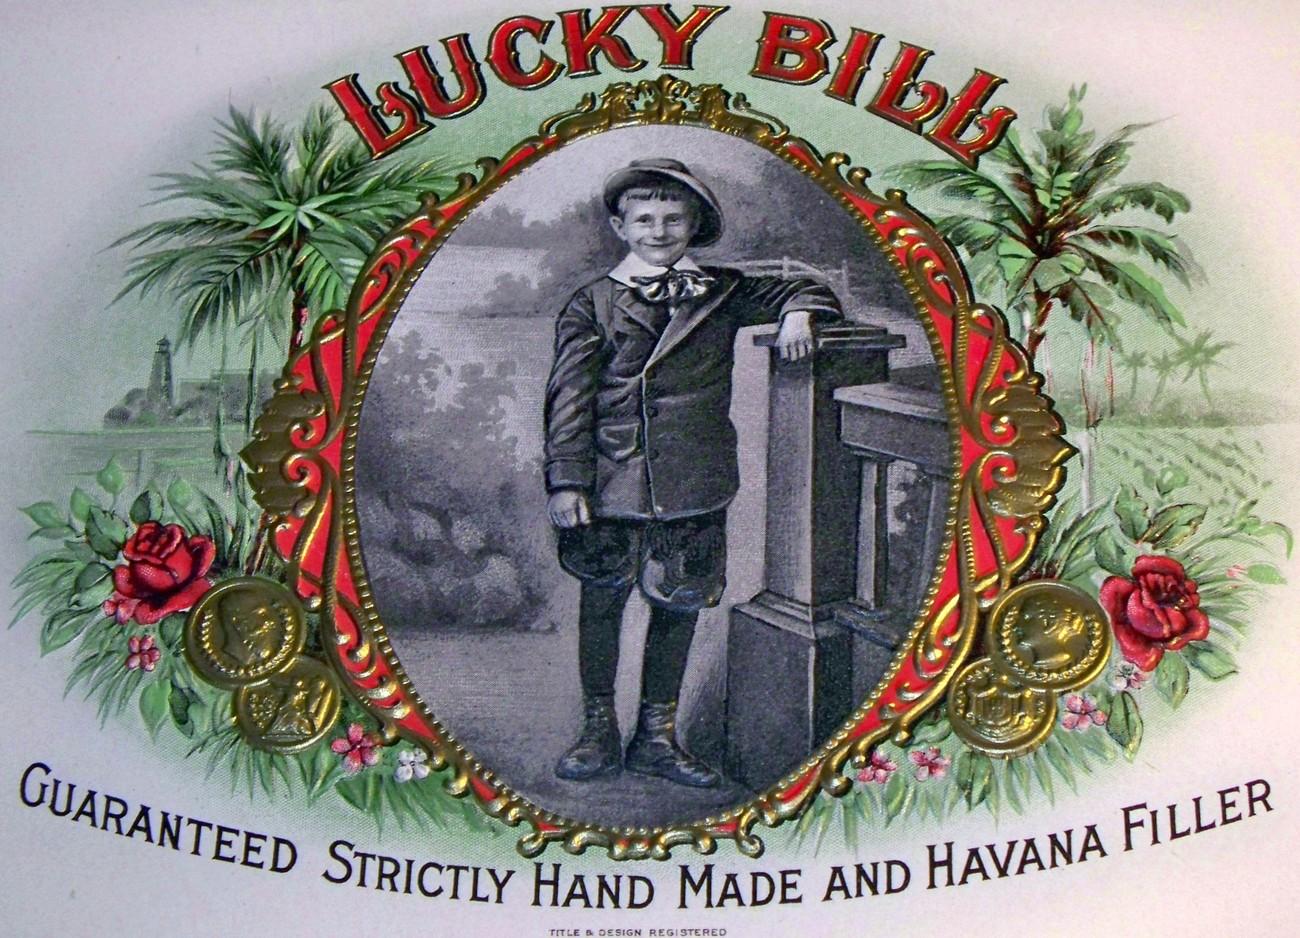 Lucky bill inner cigar label 001